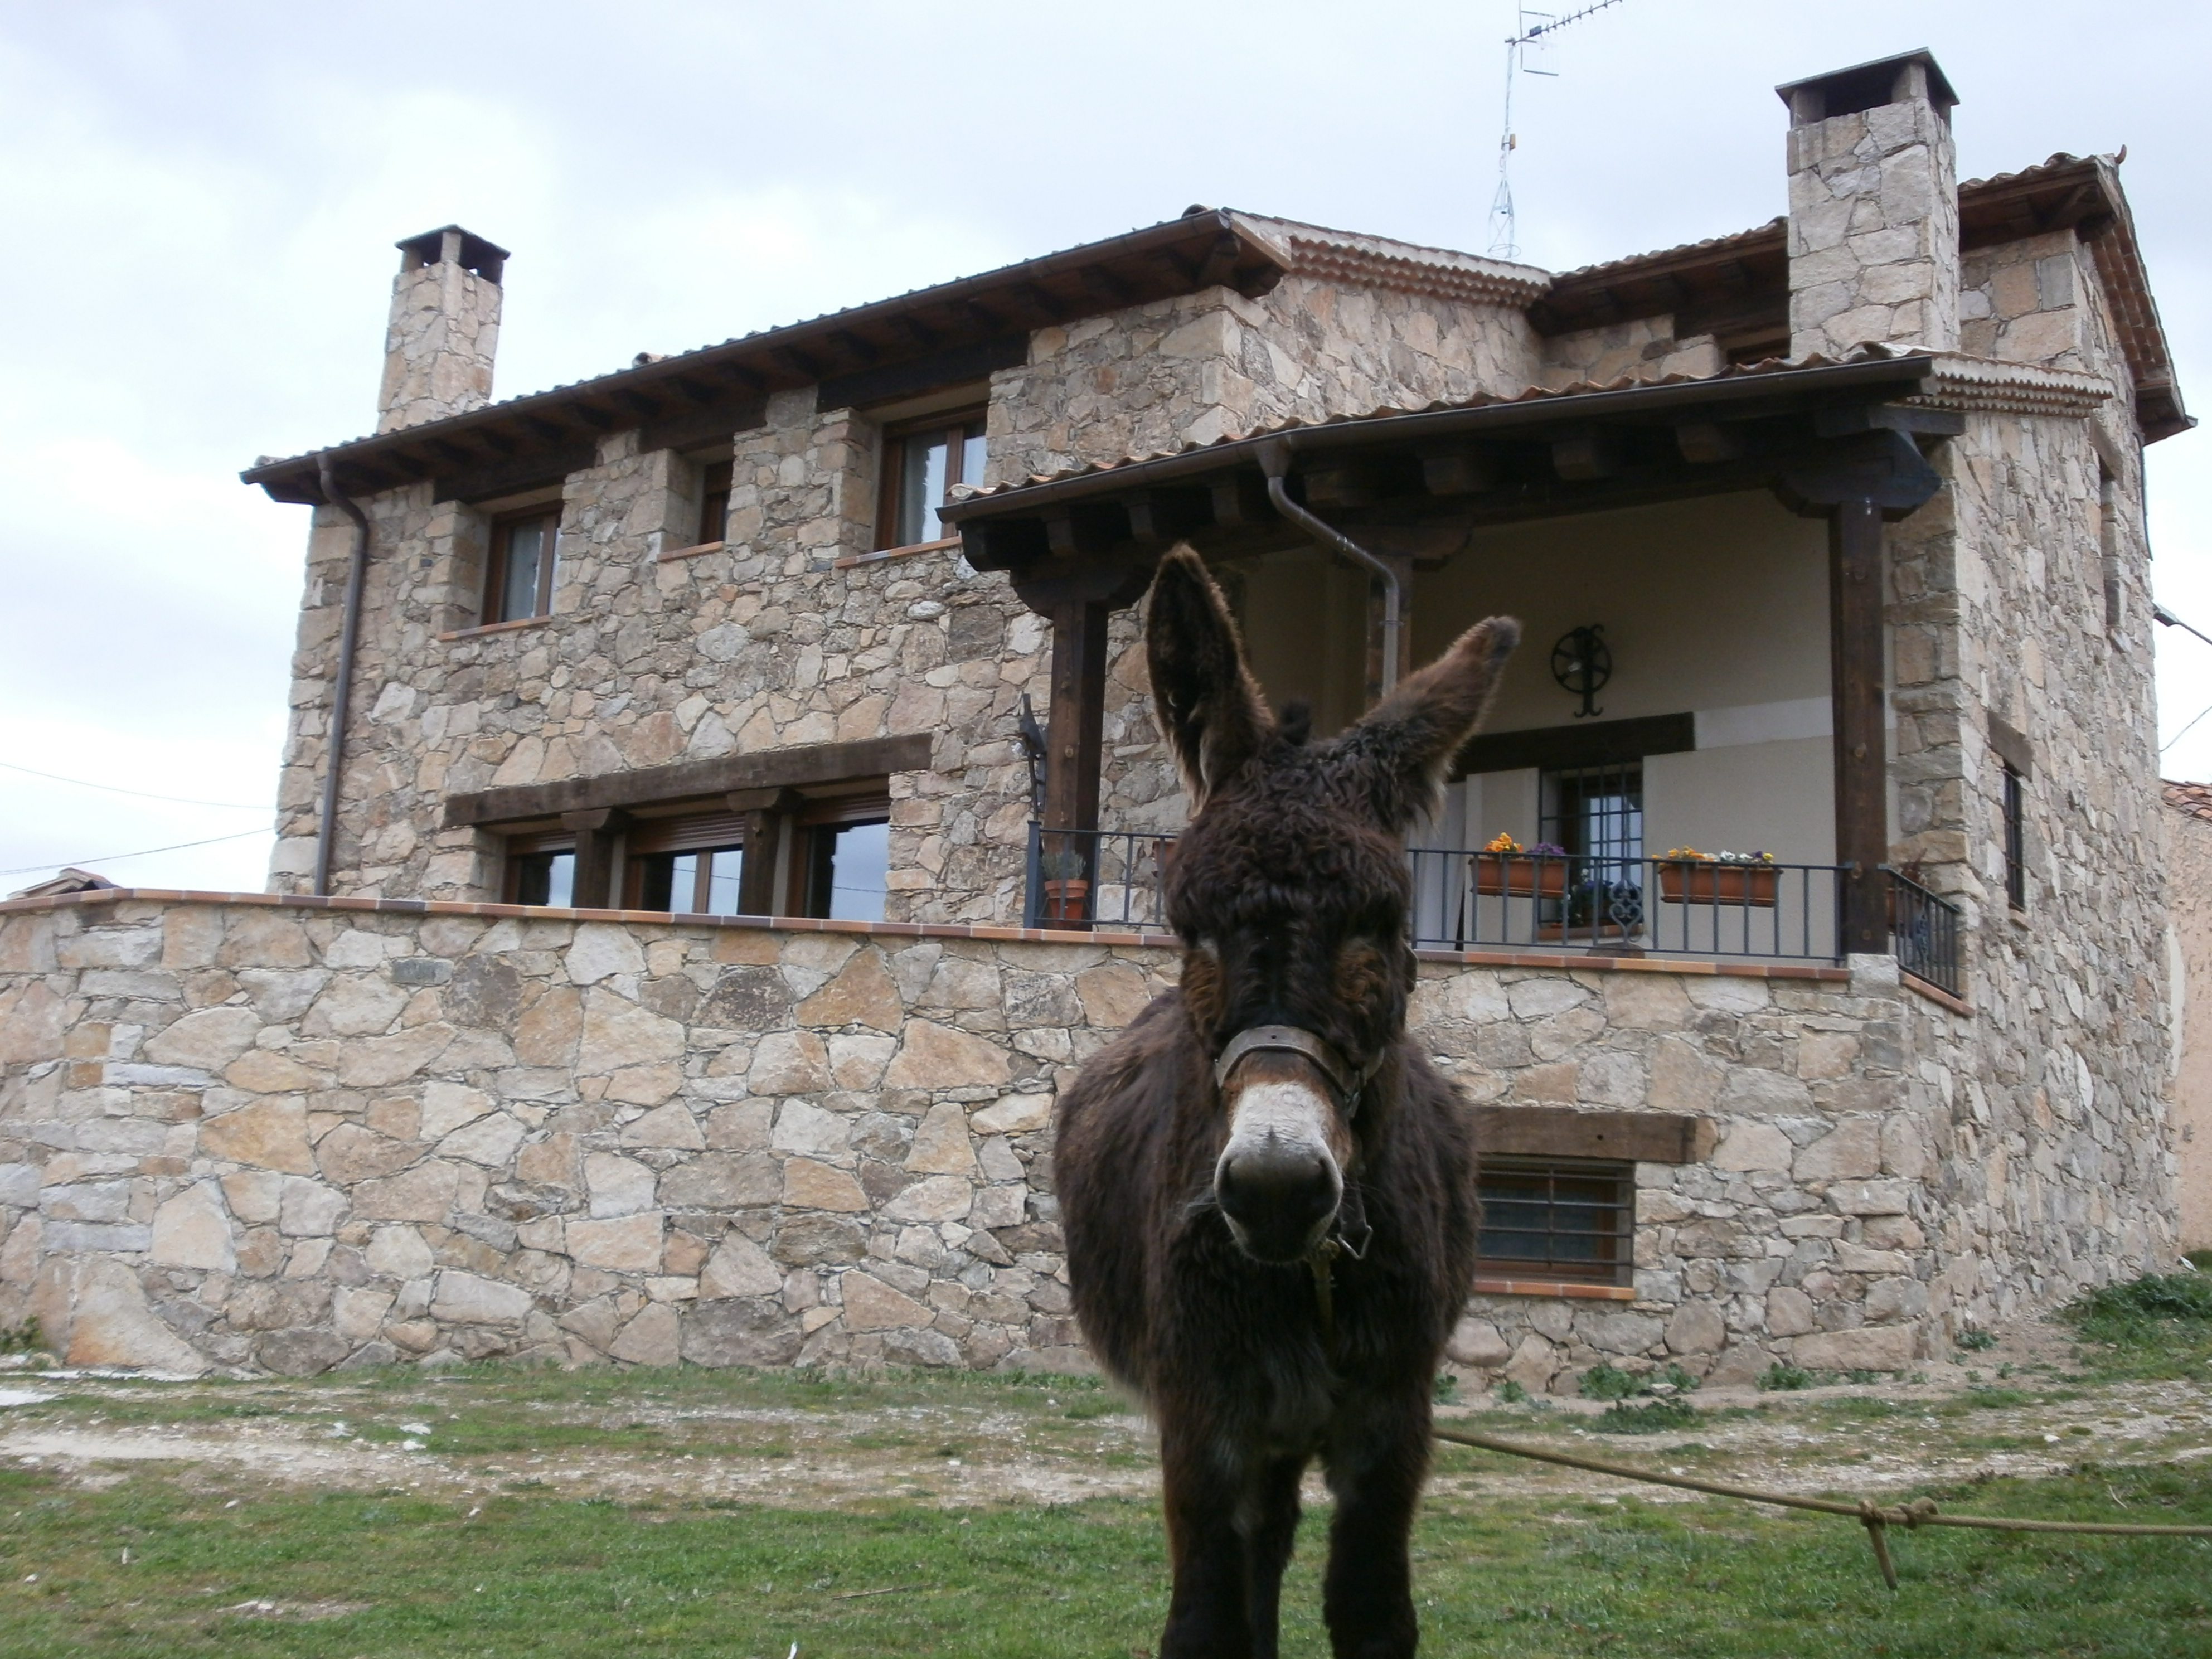 casas_rurales_perros_verano5.jpg